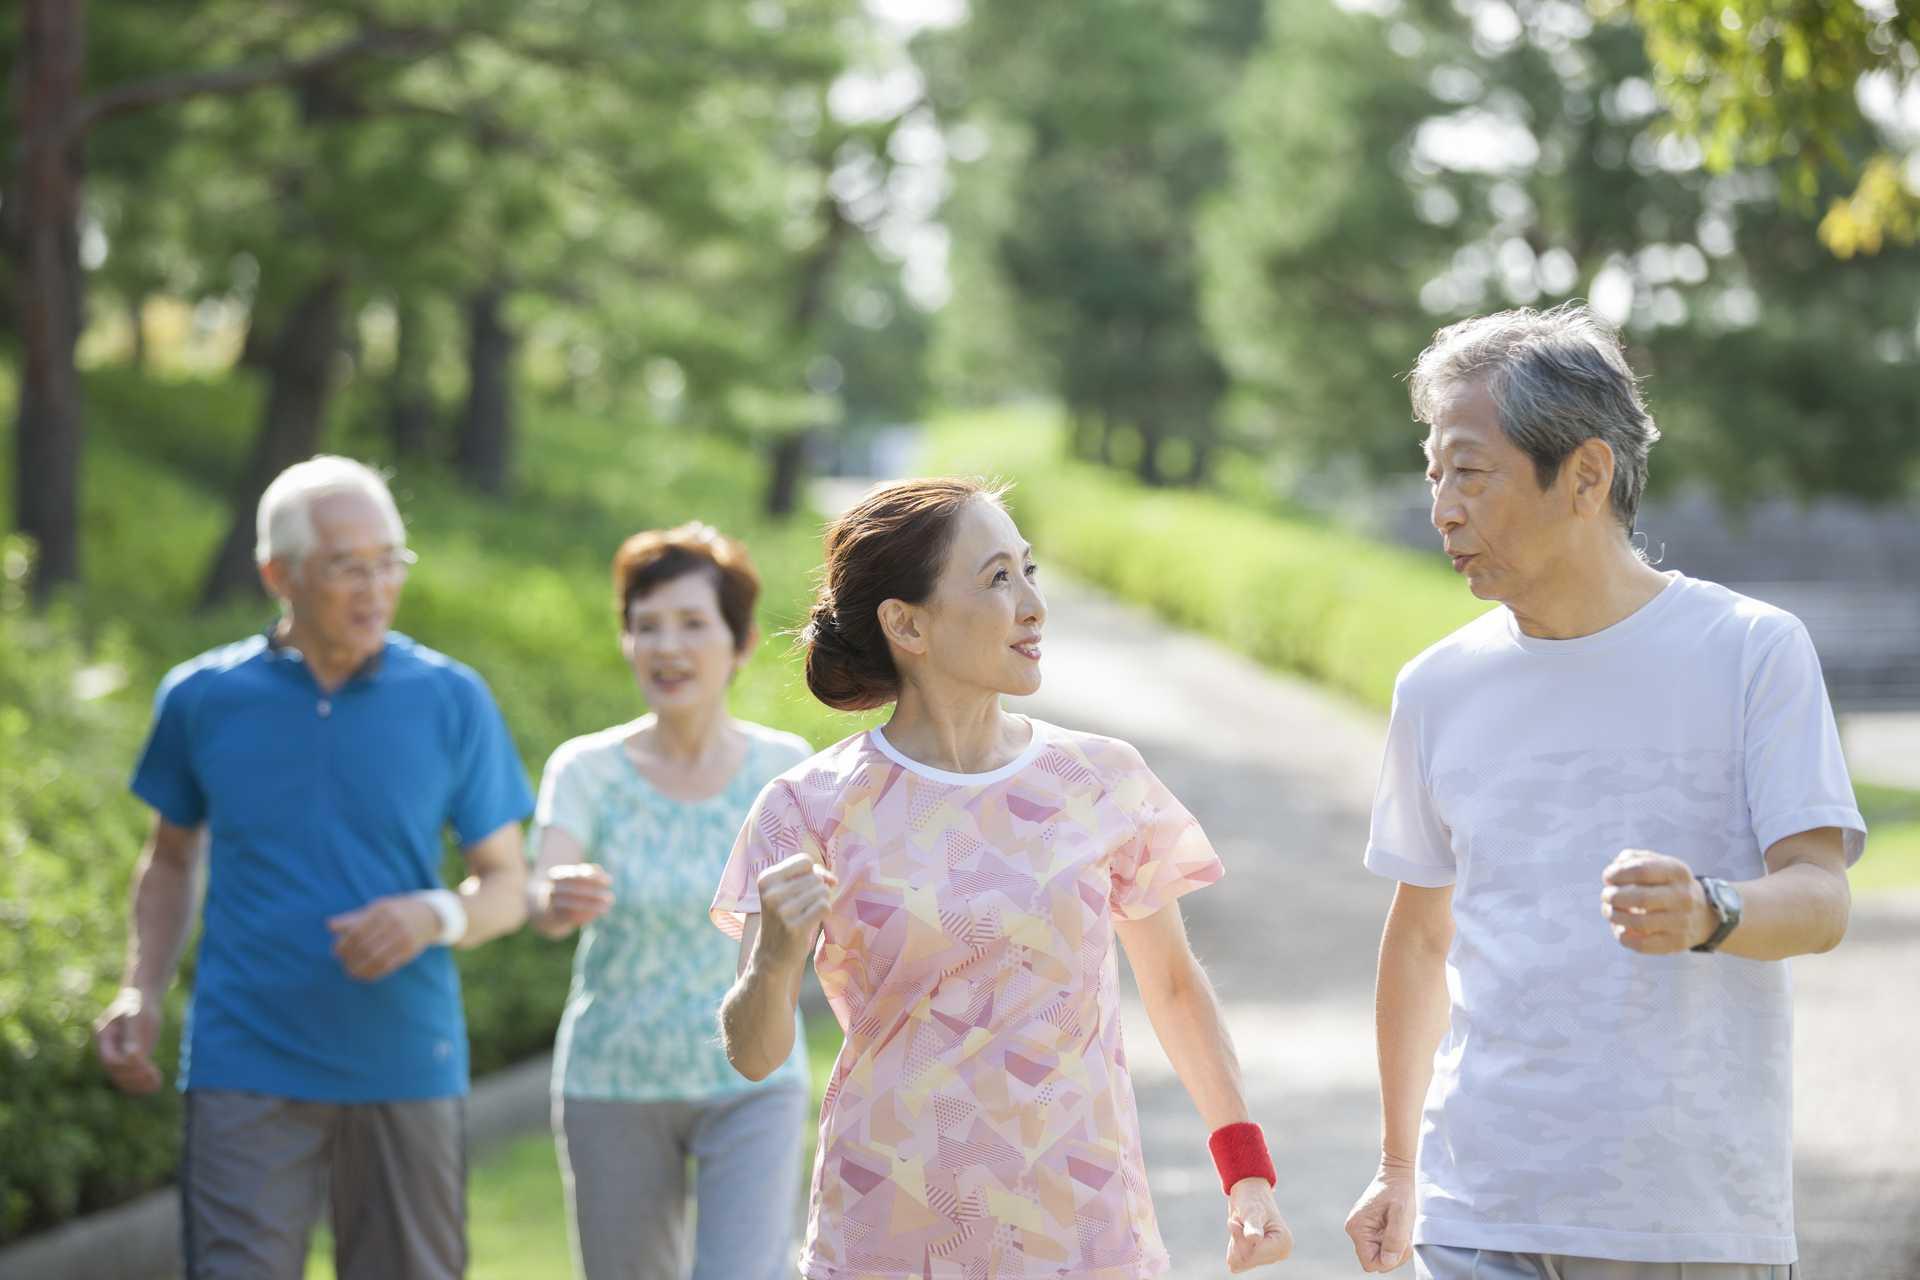 「足腰を強くする」というのは「人生に対して強くなる」ということ。 | ウォーキング・ダイエットのすすめ